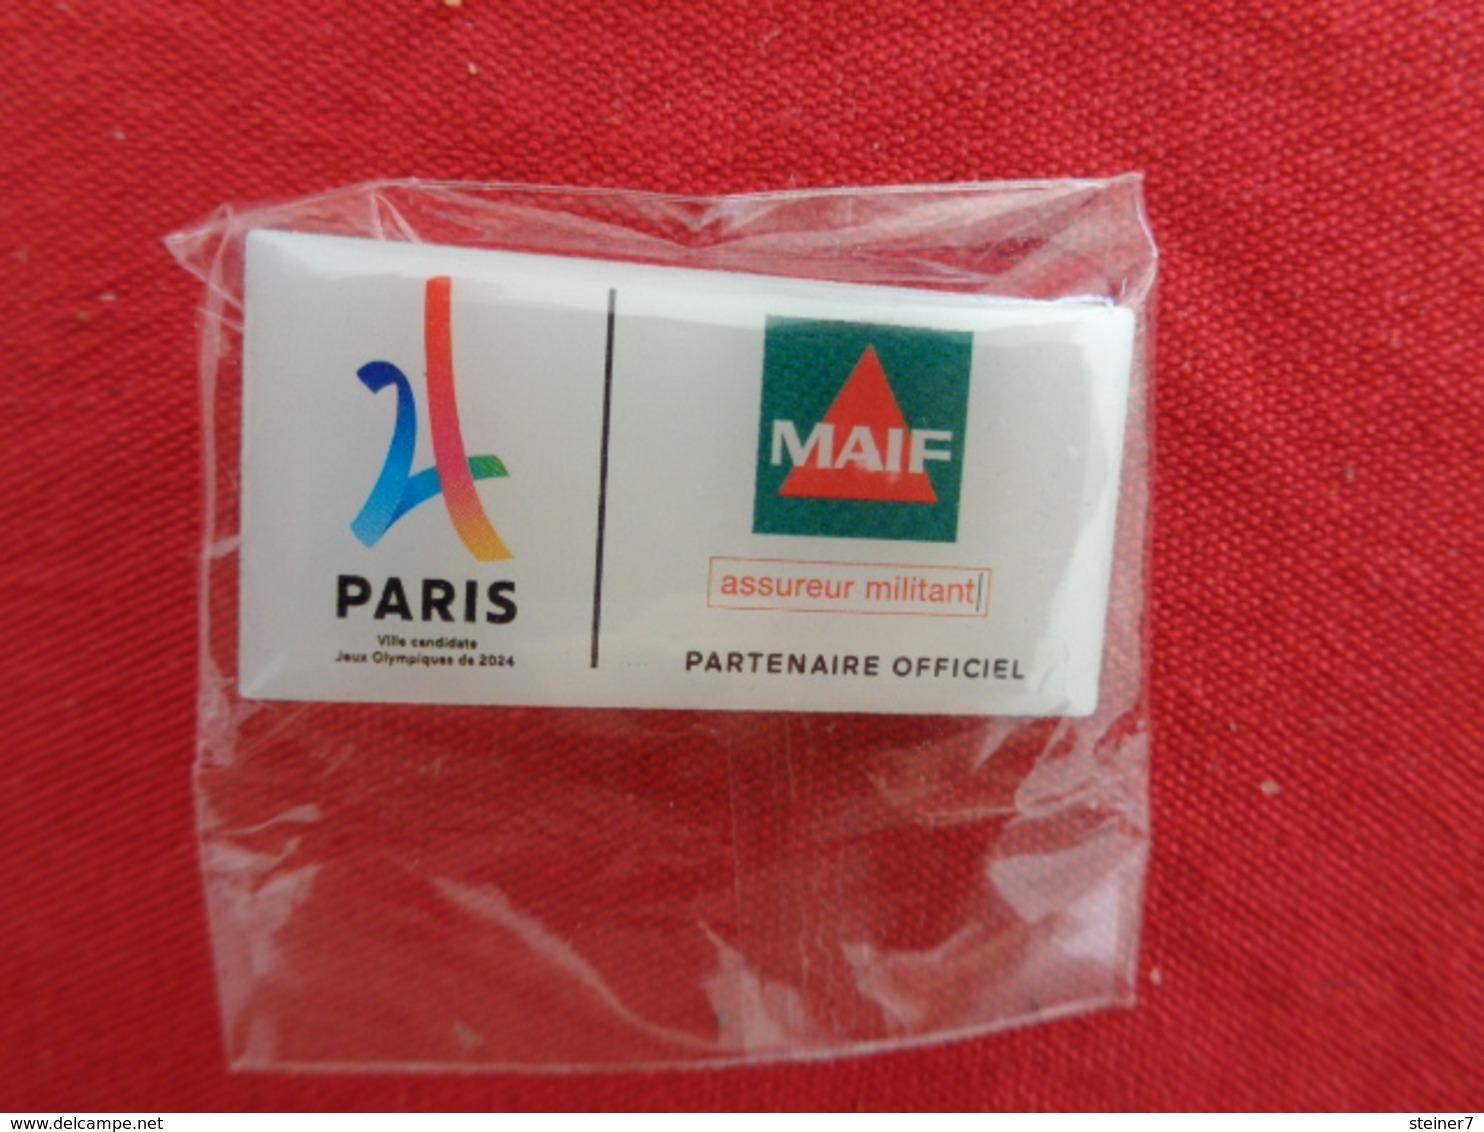 Pin's Paris MAIF Partenaire Officiel J O - Merken